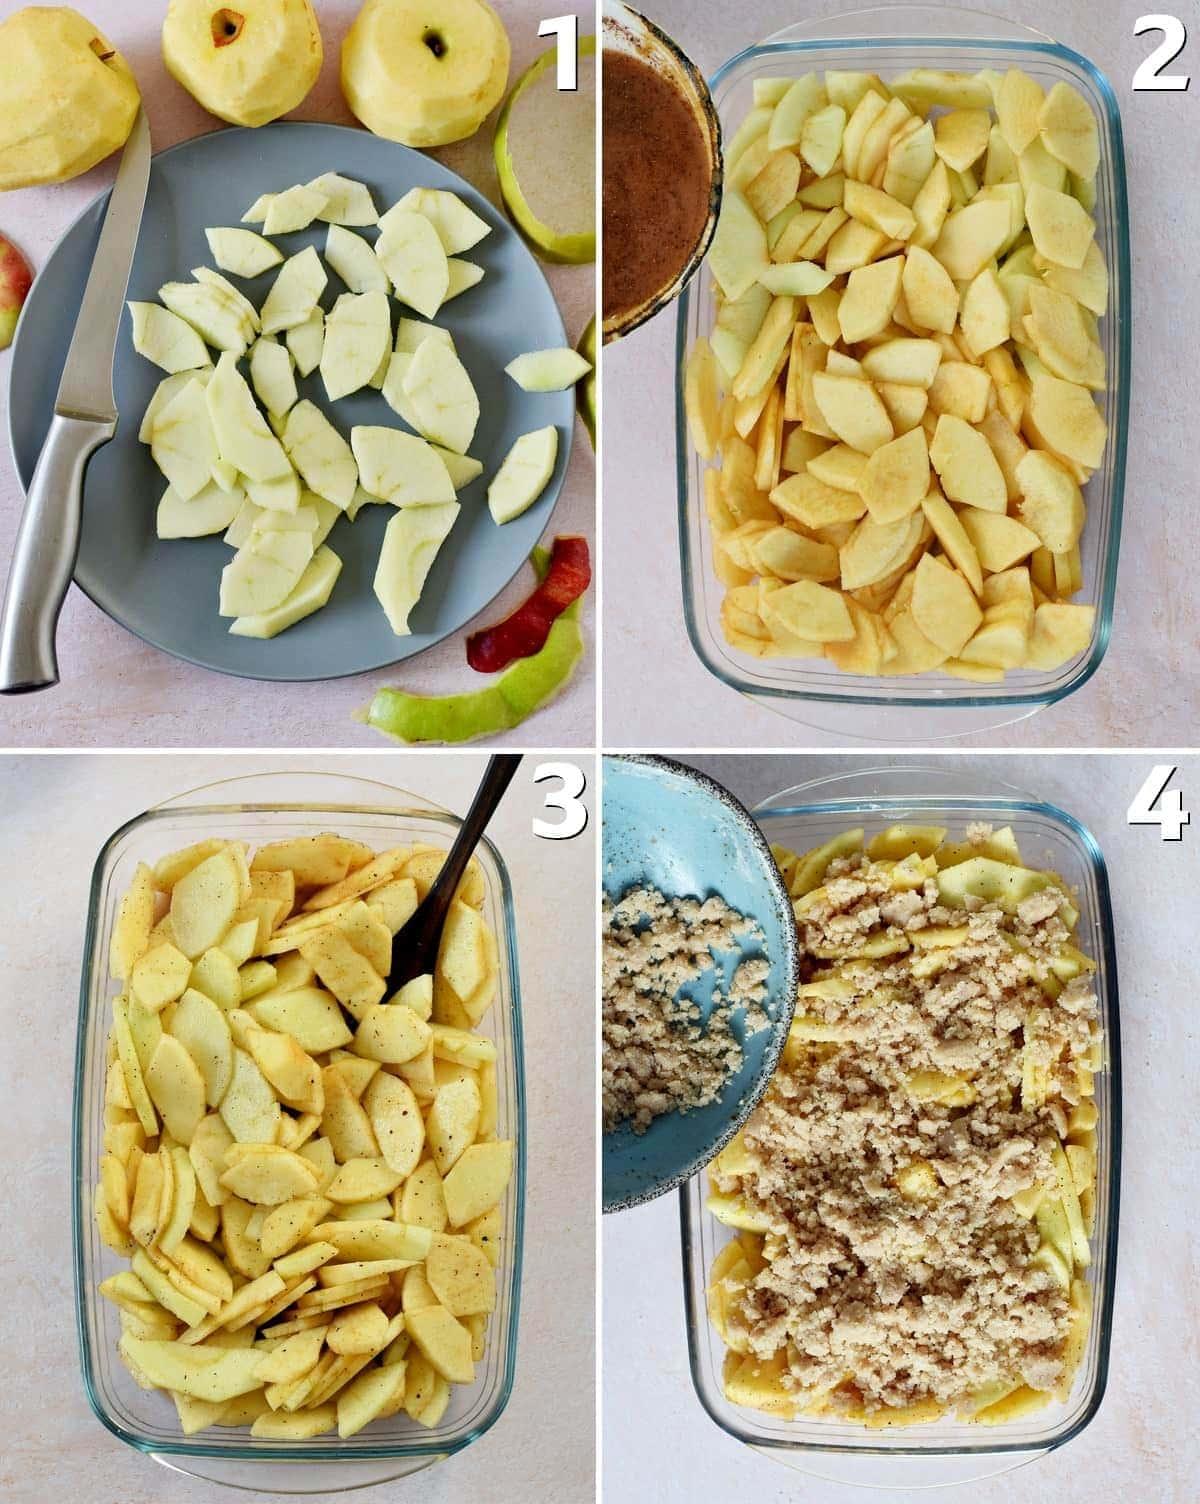 4 Schritt-für-Schritt-Fotos der Zubereitung von einem Apfelauflauf mit Streuseln